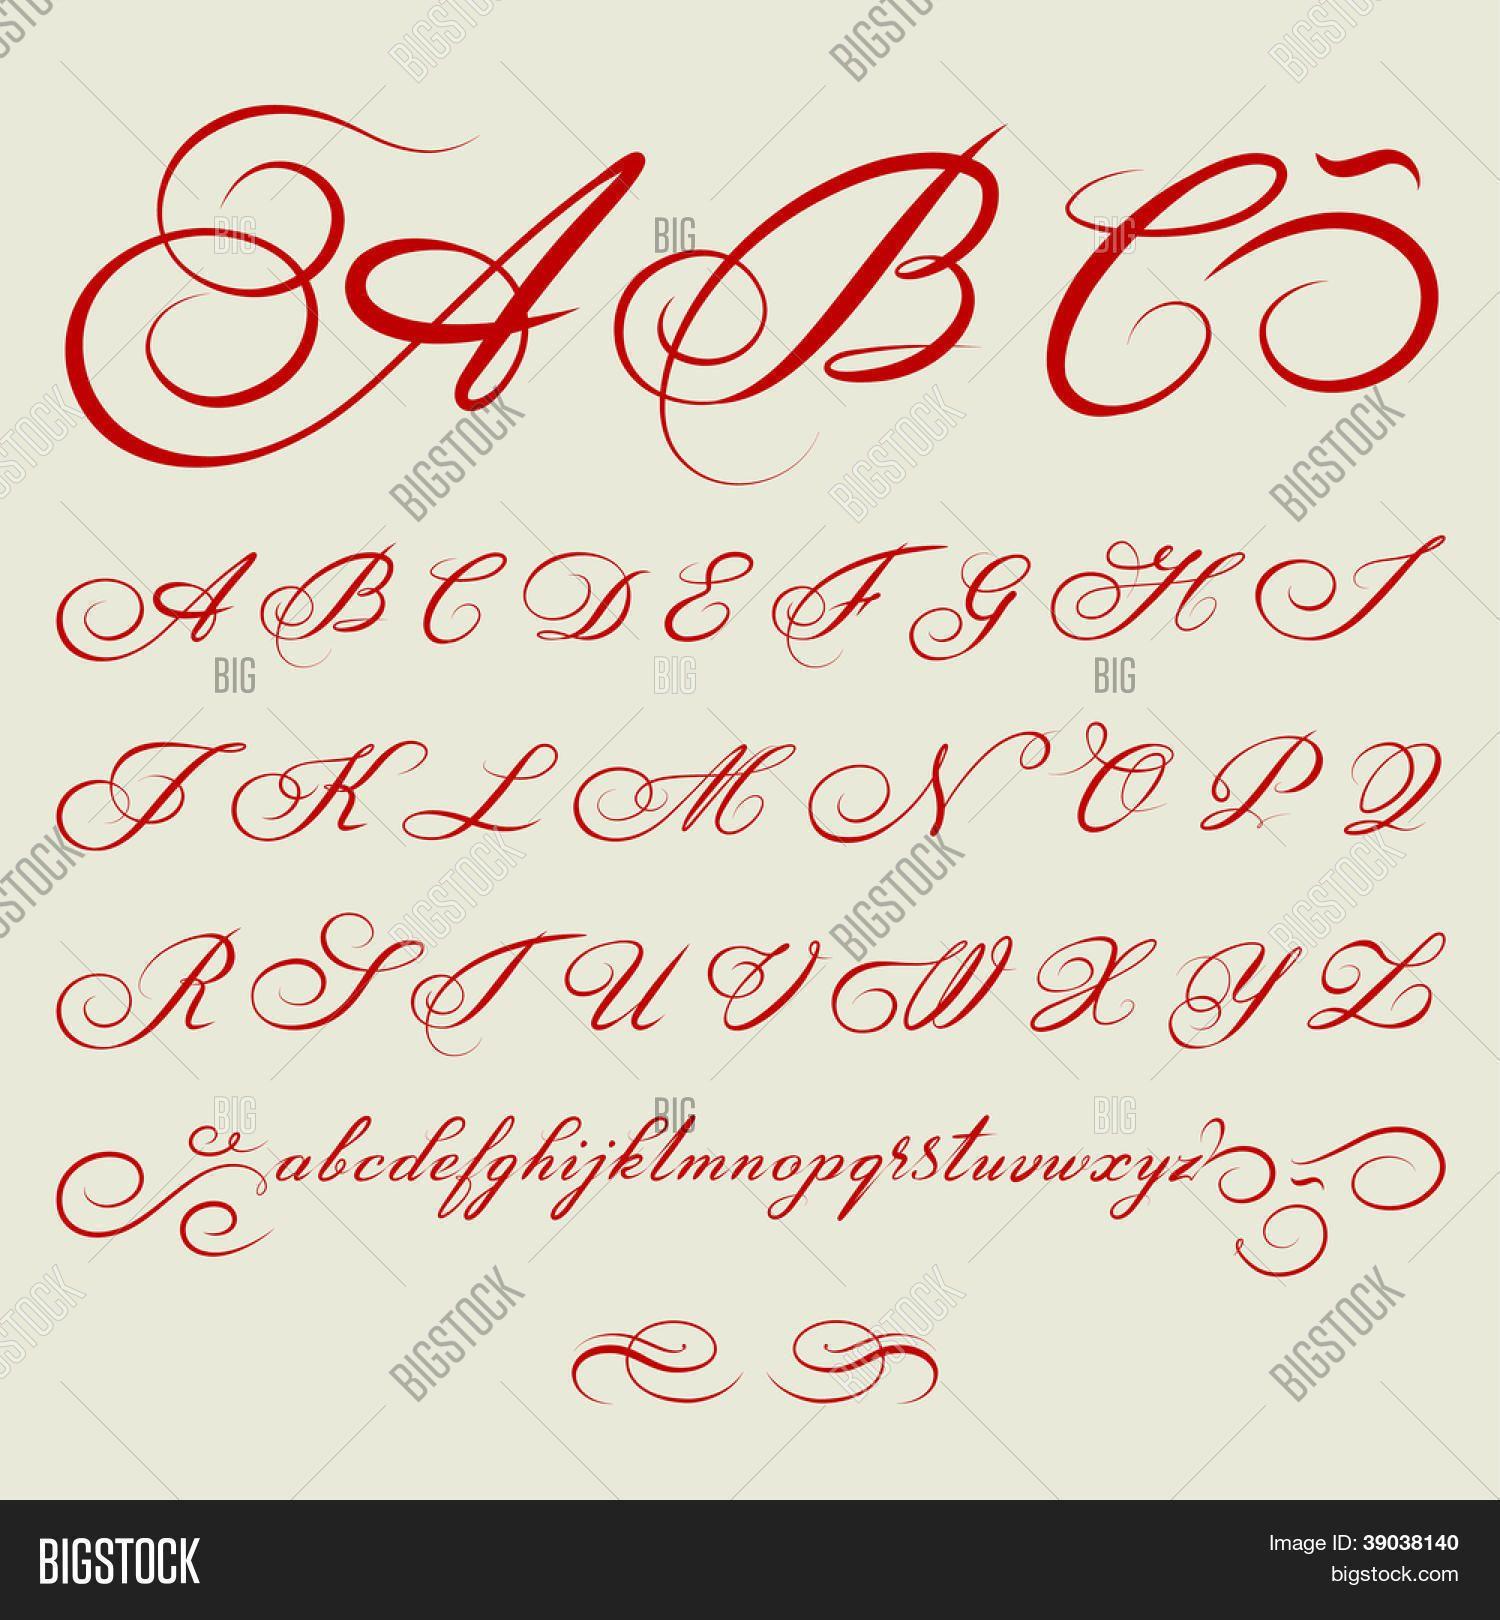 vektor handgezeichnete kalligraphische alphabet auf der grundlage von kalligraphie meister des. Black Bedroom Furniture Sets. Home Design Ideas